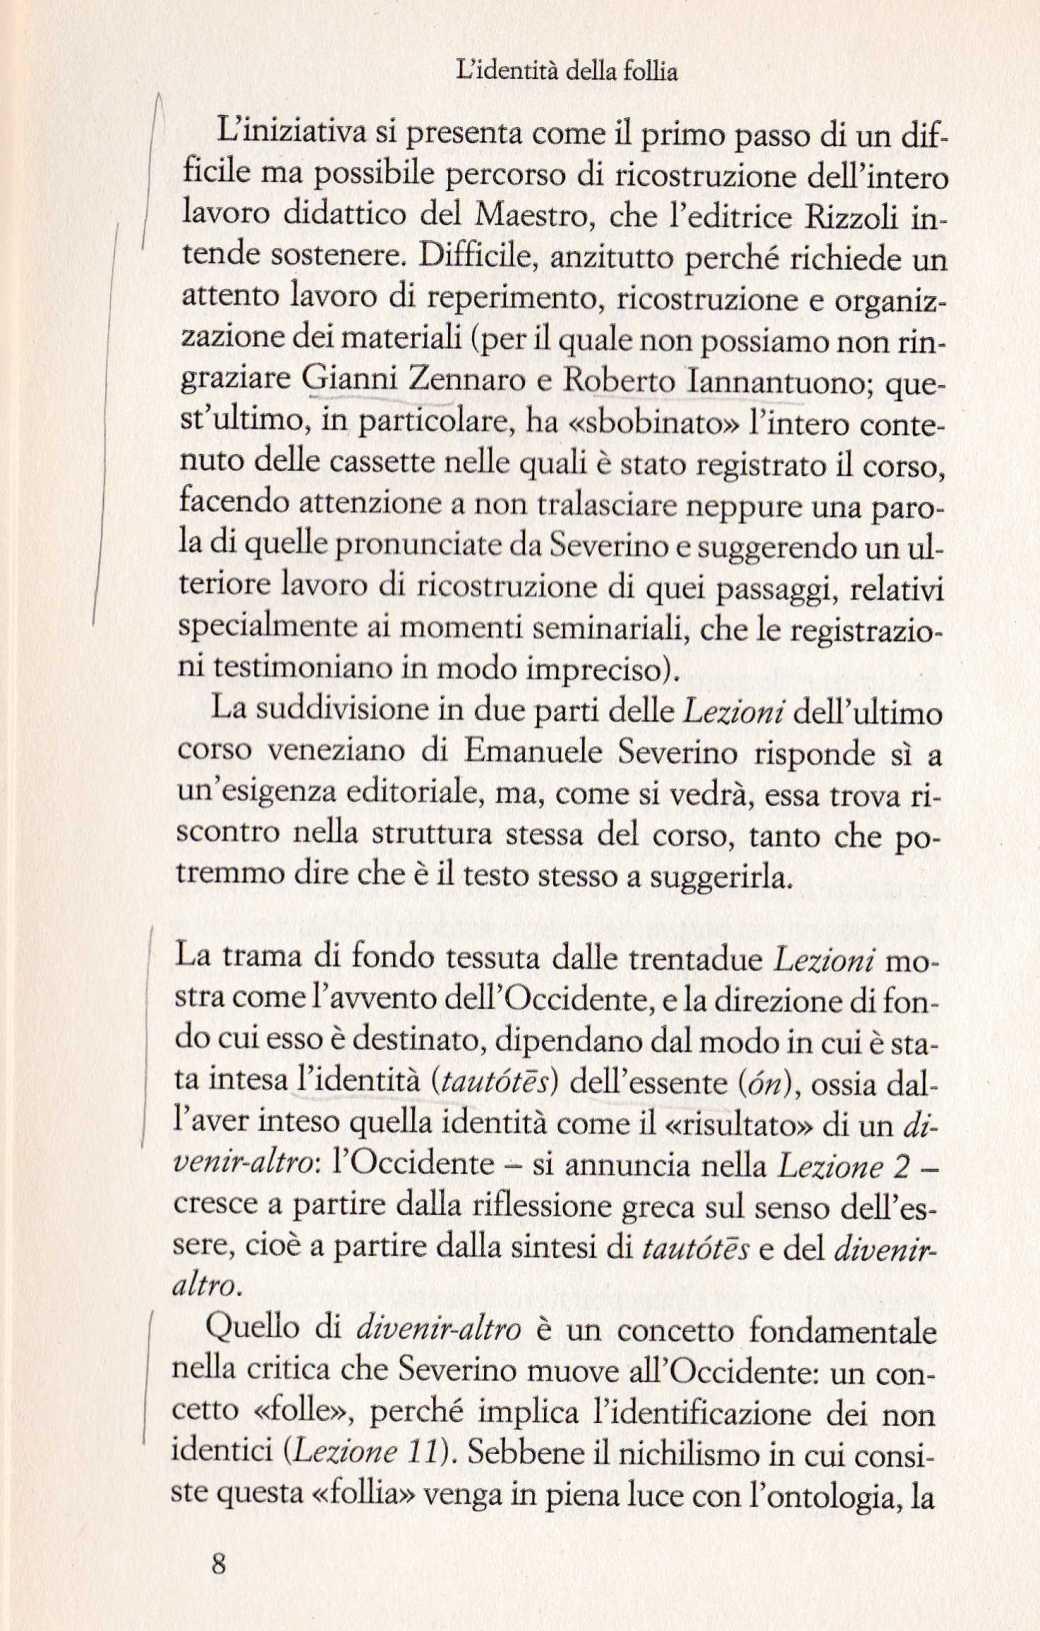 identitafollia4516